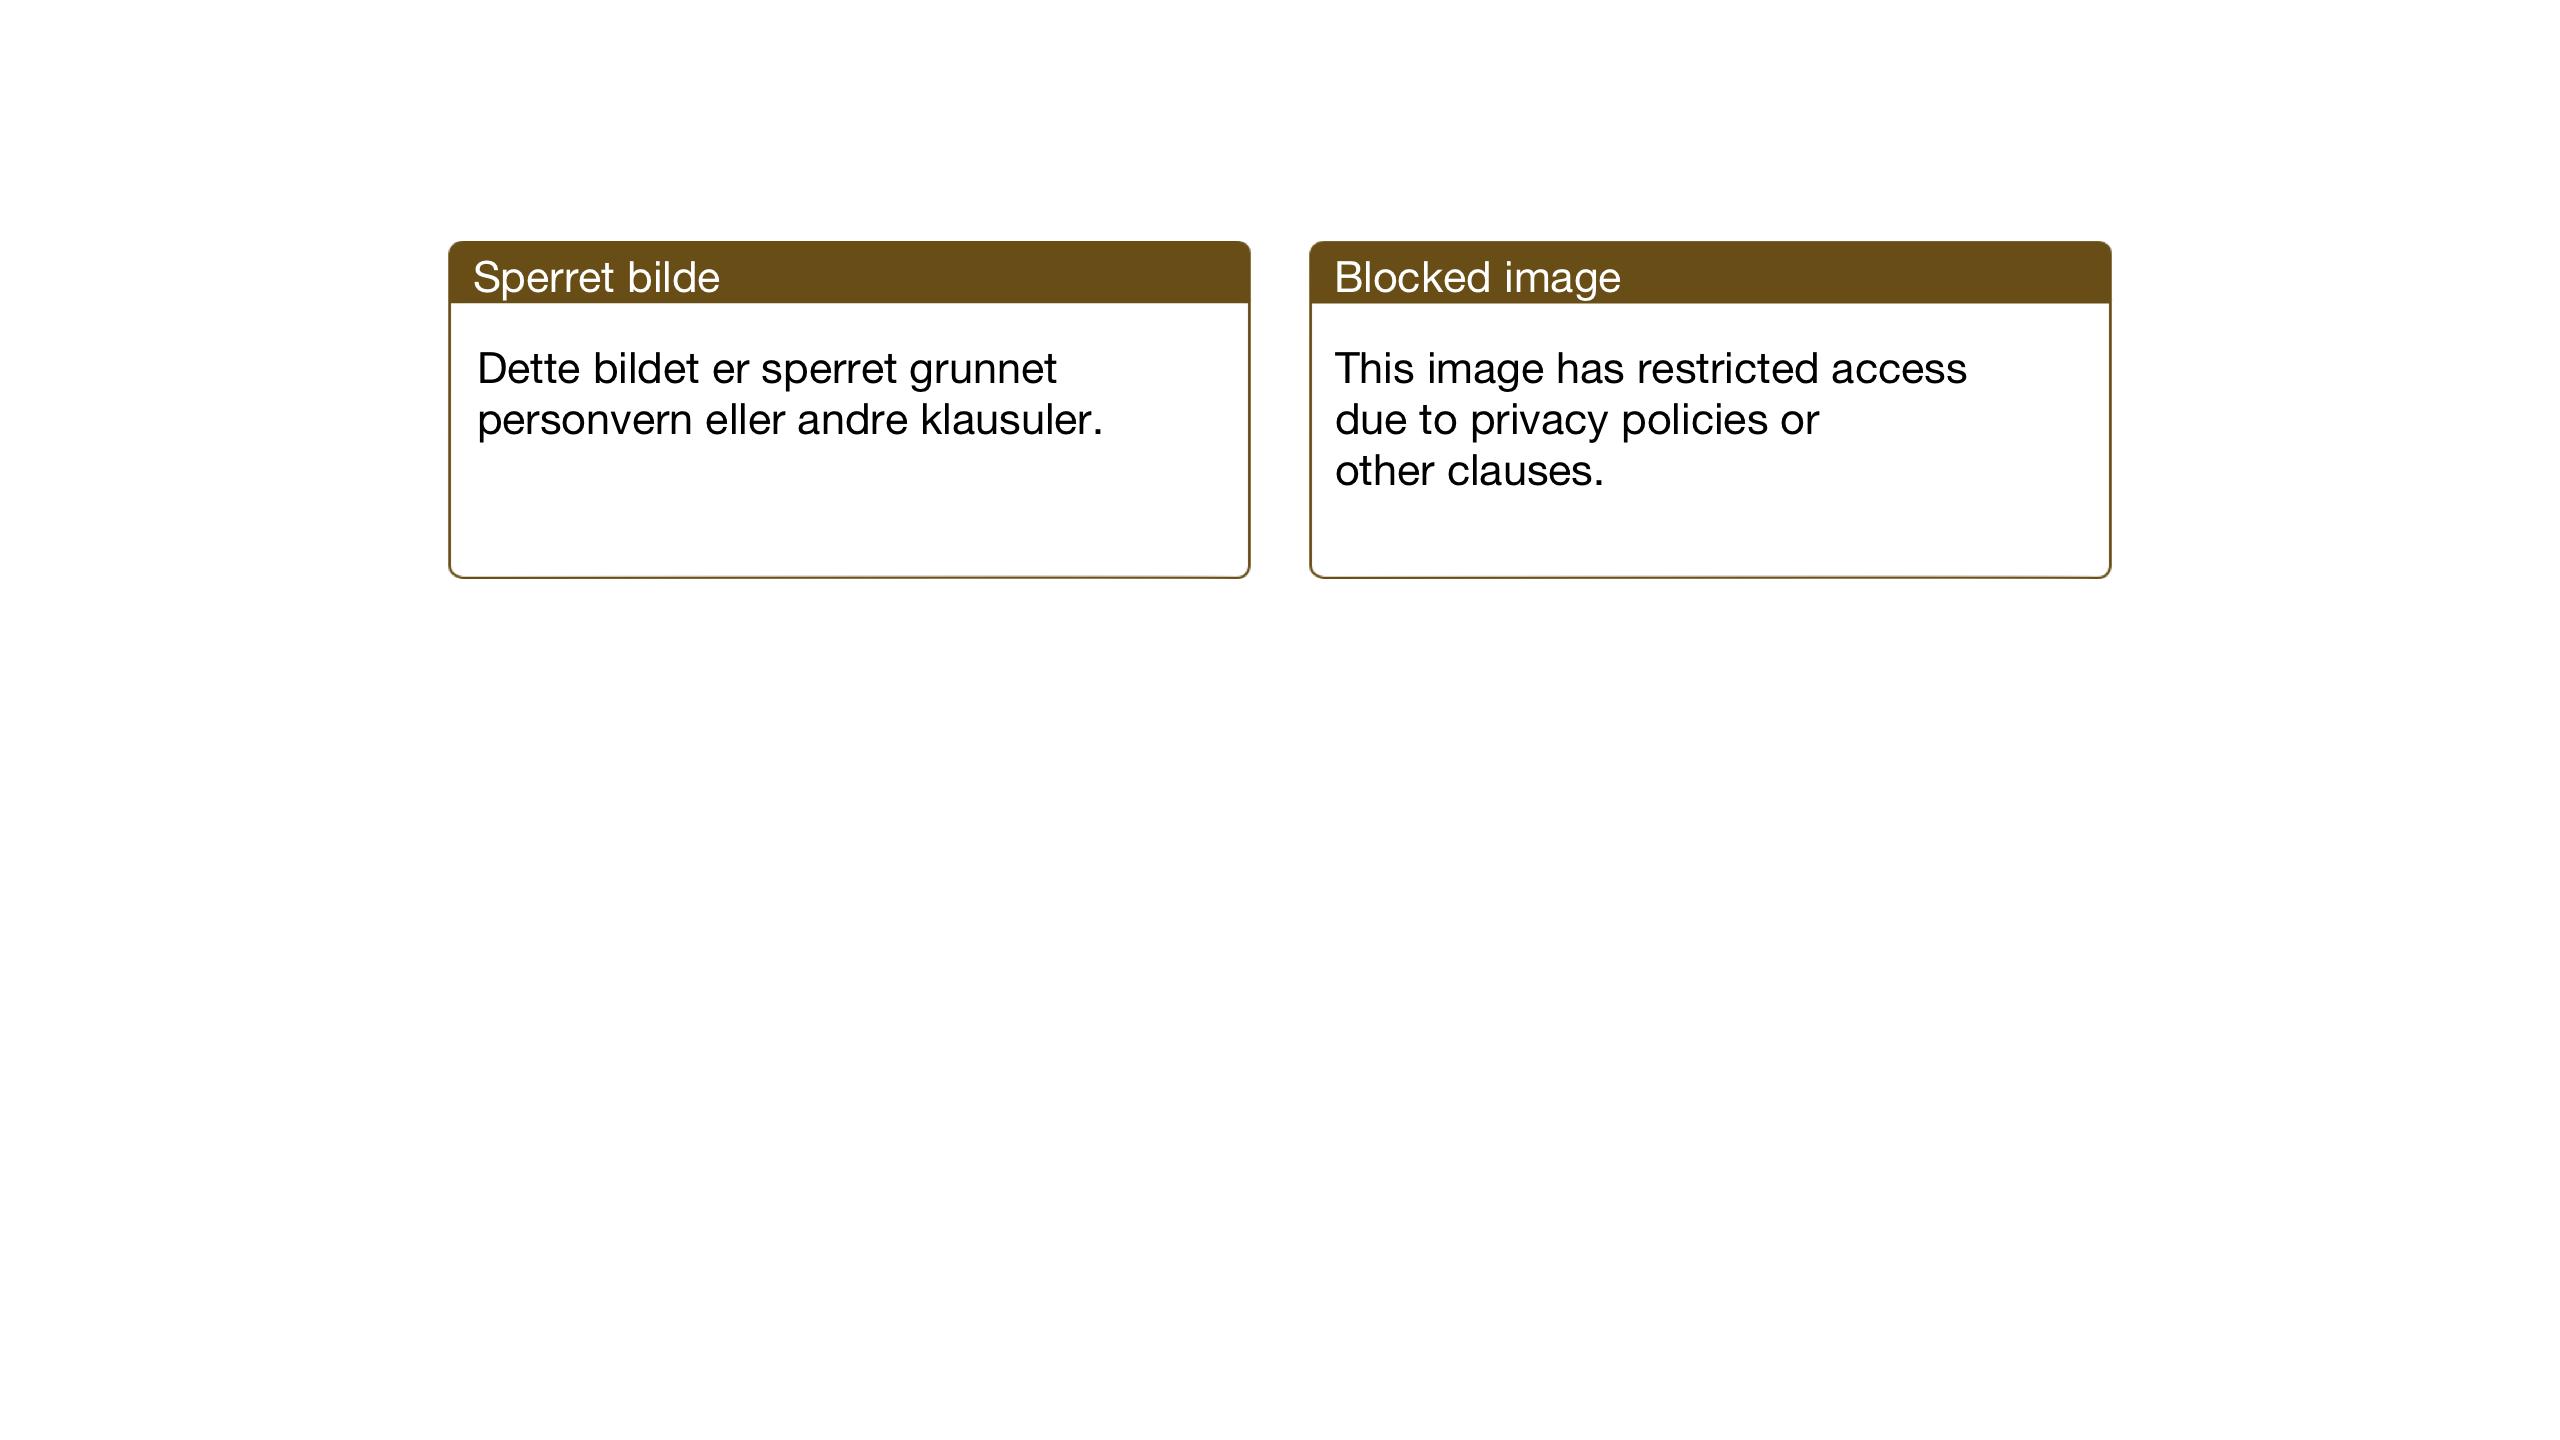 SAT, Ministerialprotokoller, klokkerbøker og fødselsregistre - Nord-Trøndelag, 774/L0631: Klokkerbok nr. 774C02, 1934-1950, s. 139